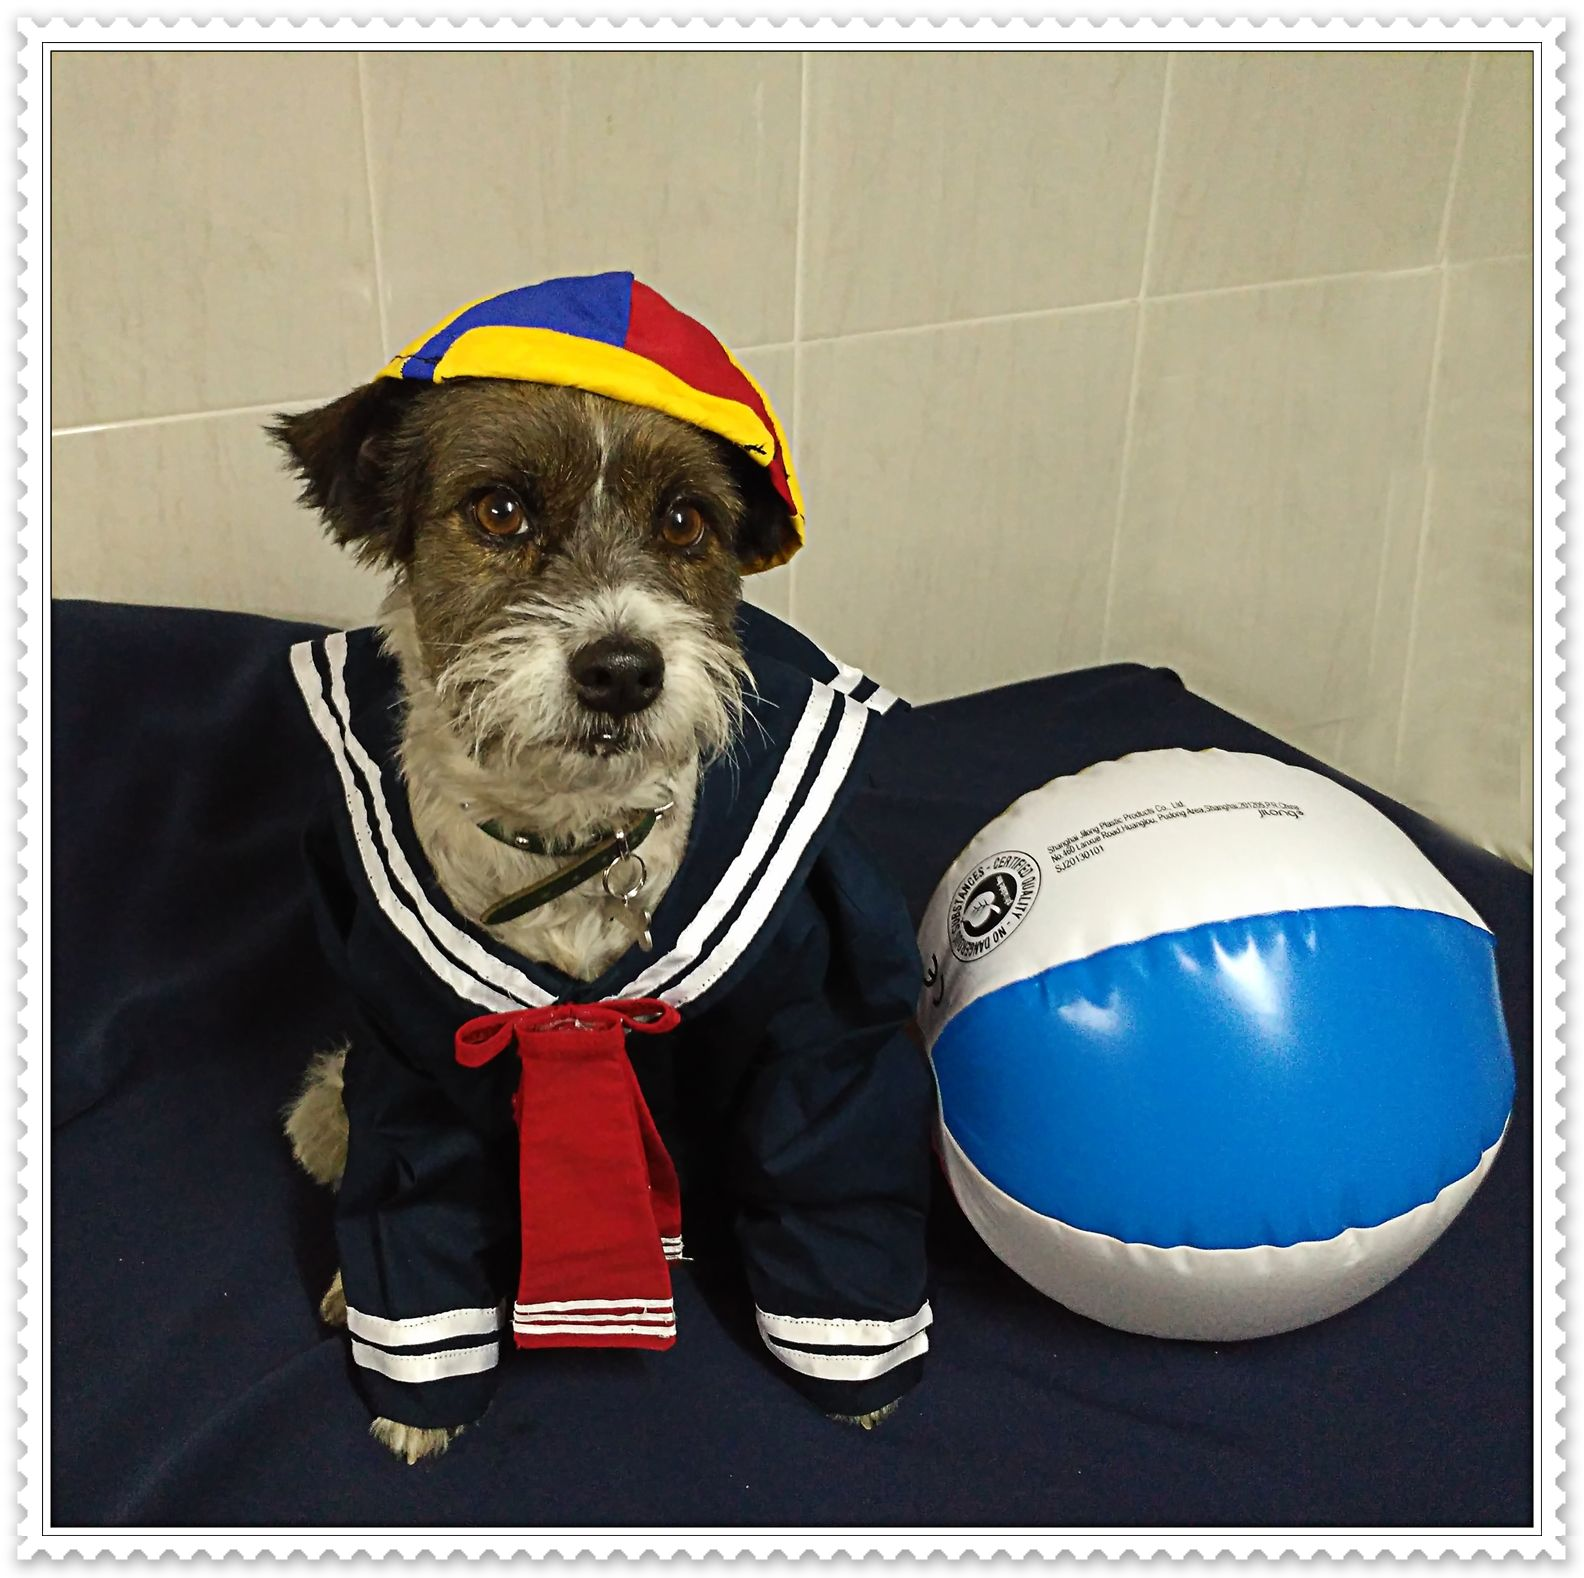 EL CHAVO DEL 8 Disfraz para perros halloween, Disfraces